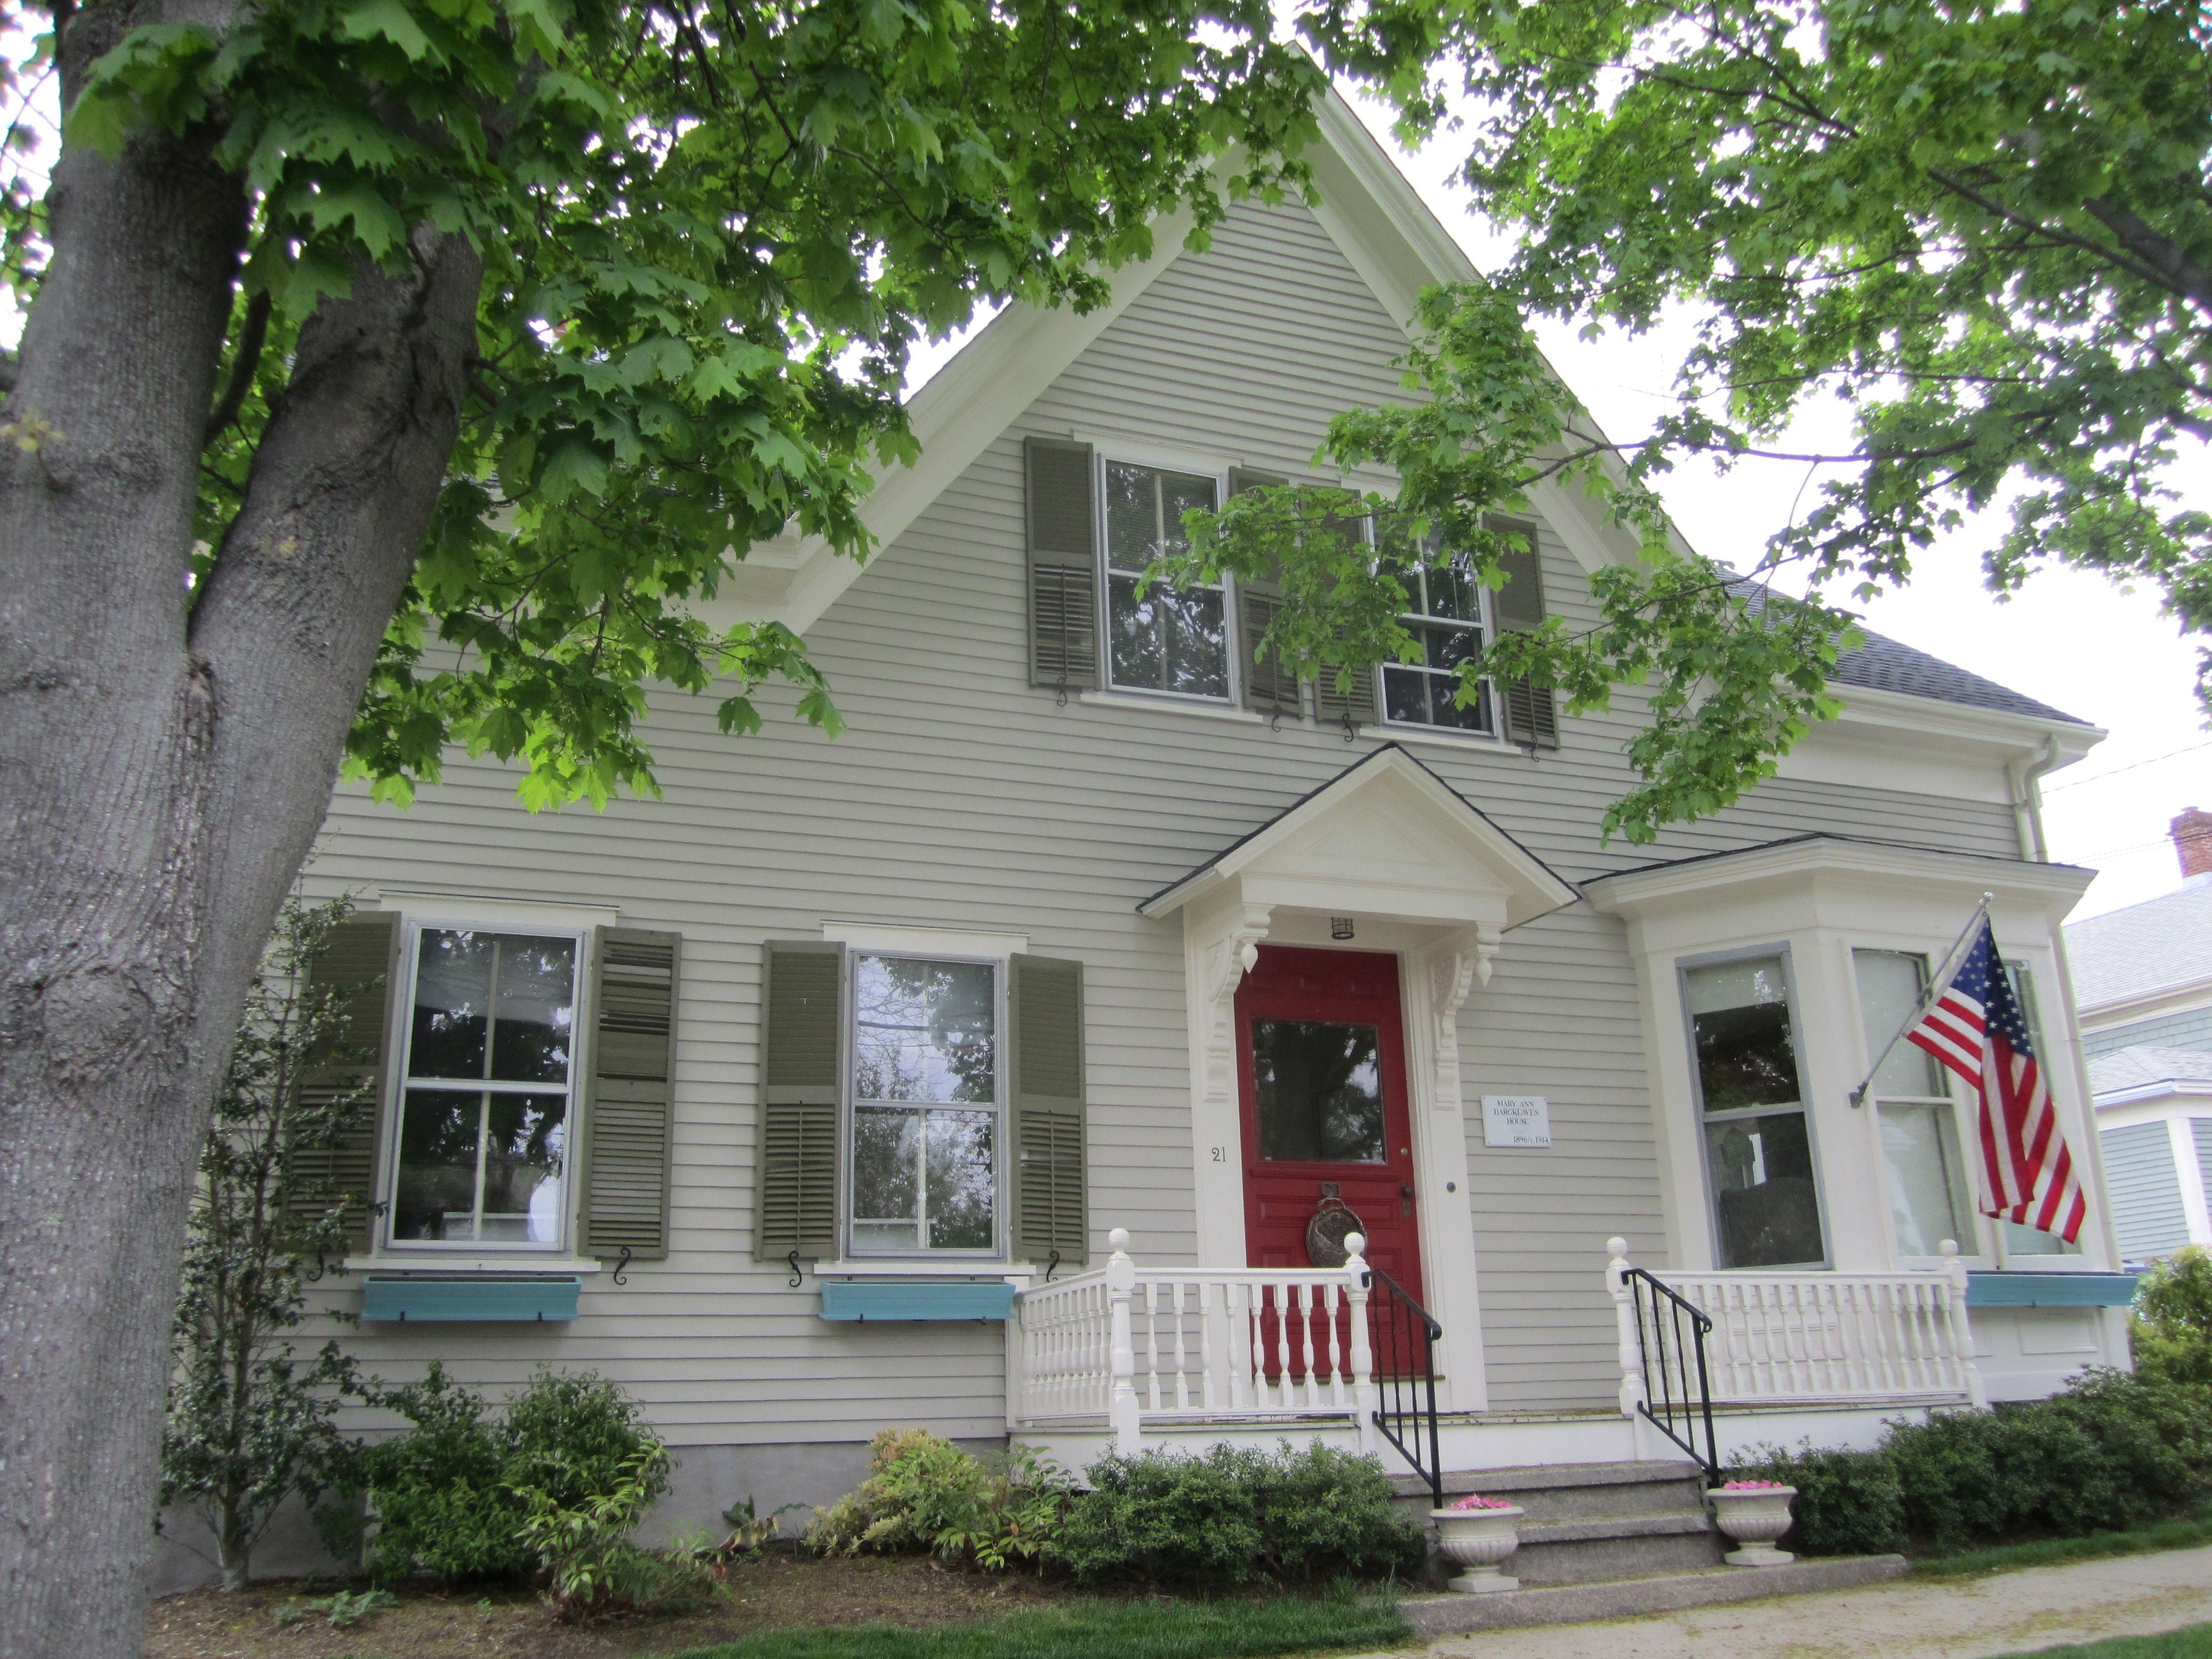 Sea Rose Cottage in Bristol, RI, Artisan Enhancements Retailer